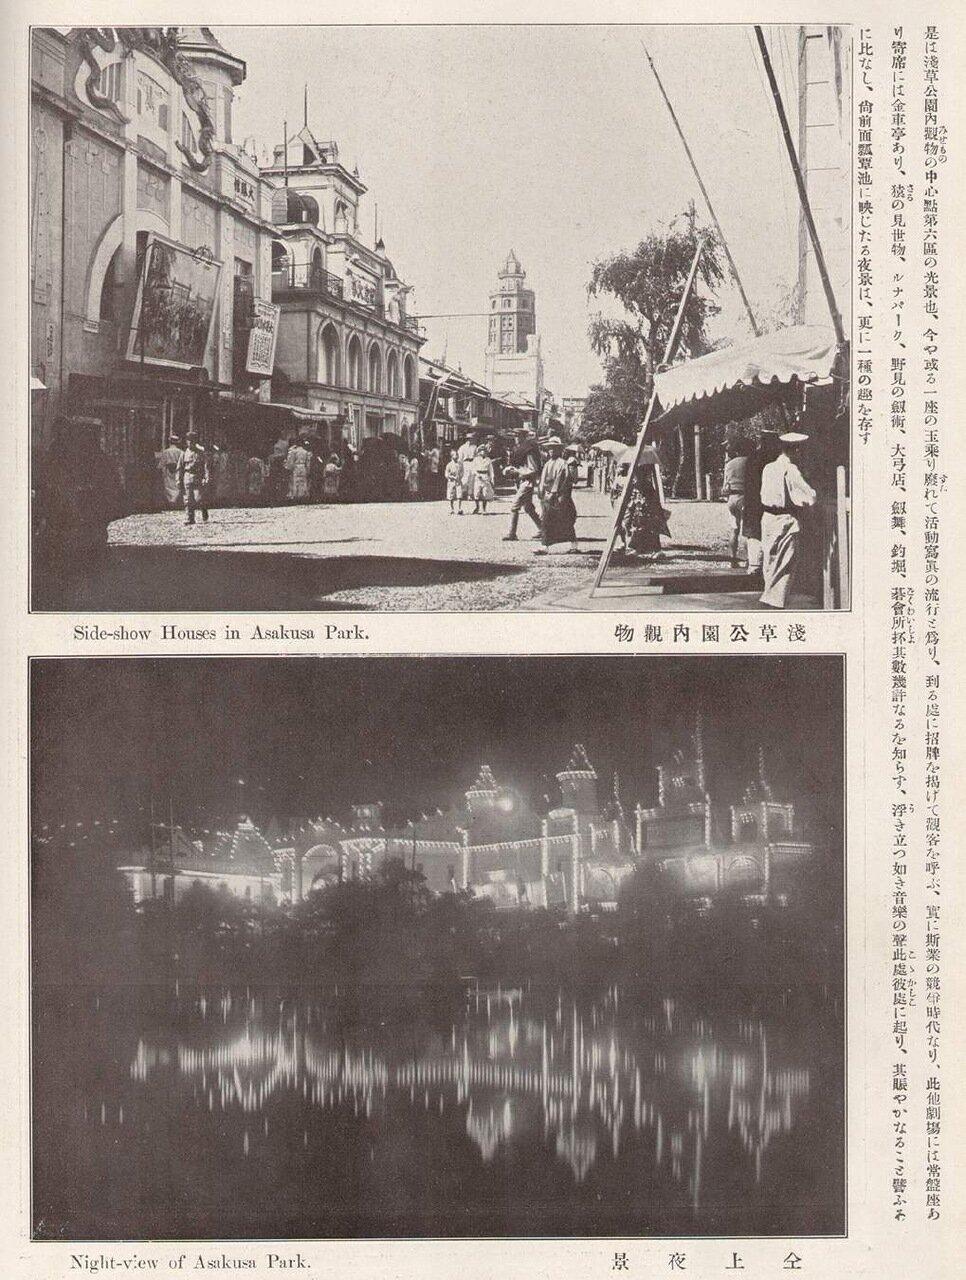 Дом развлечений в парке Асакуса и вид парка Асакуса ночью